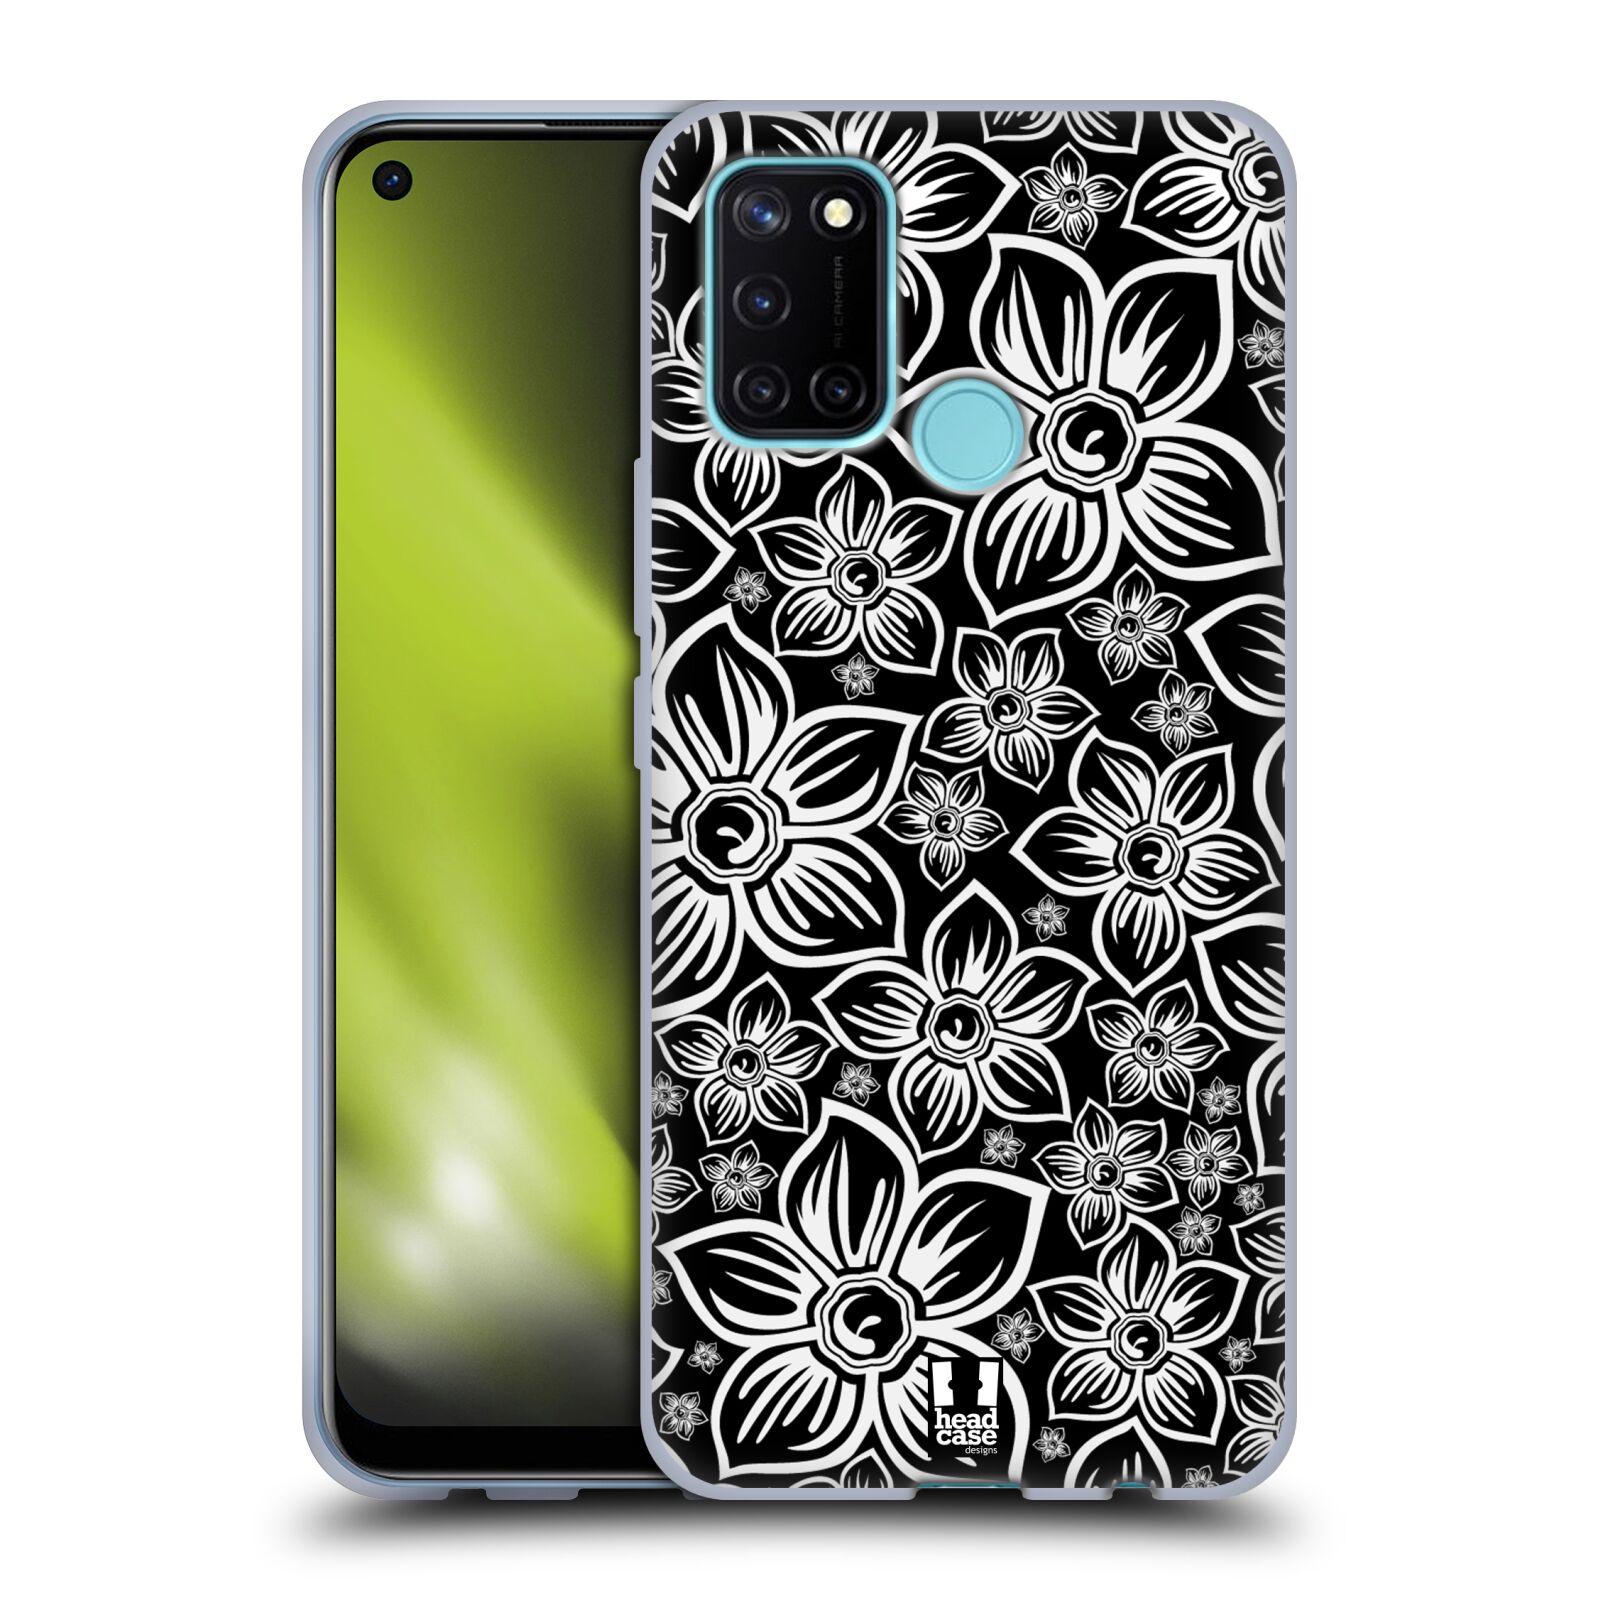 Silikonové pouzdro na mobil Realme 7i - Head Case - FLORAL DAISY